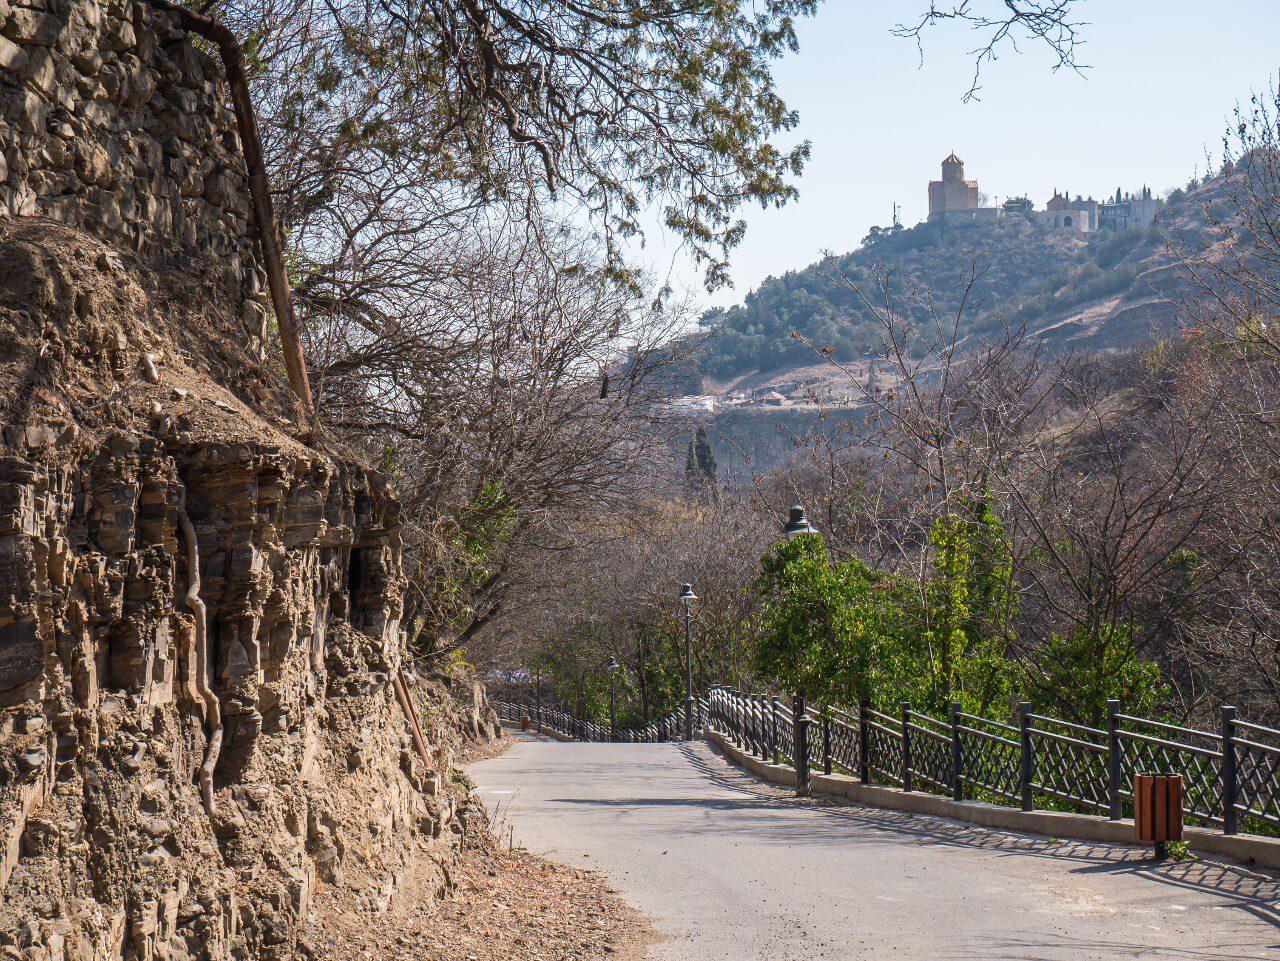 Ścieżka w ogrodzie botanicznym w Tbilisi